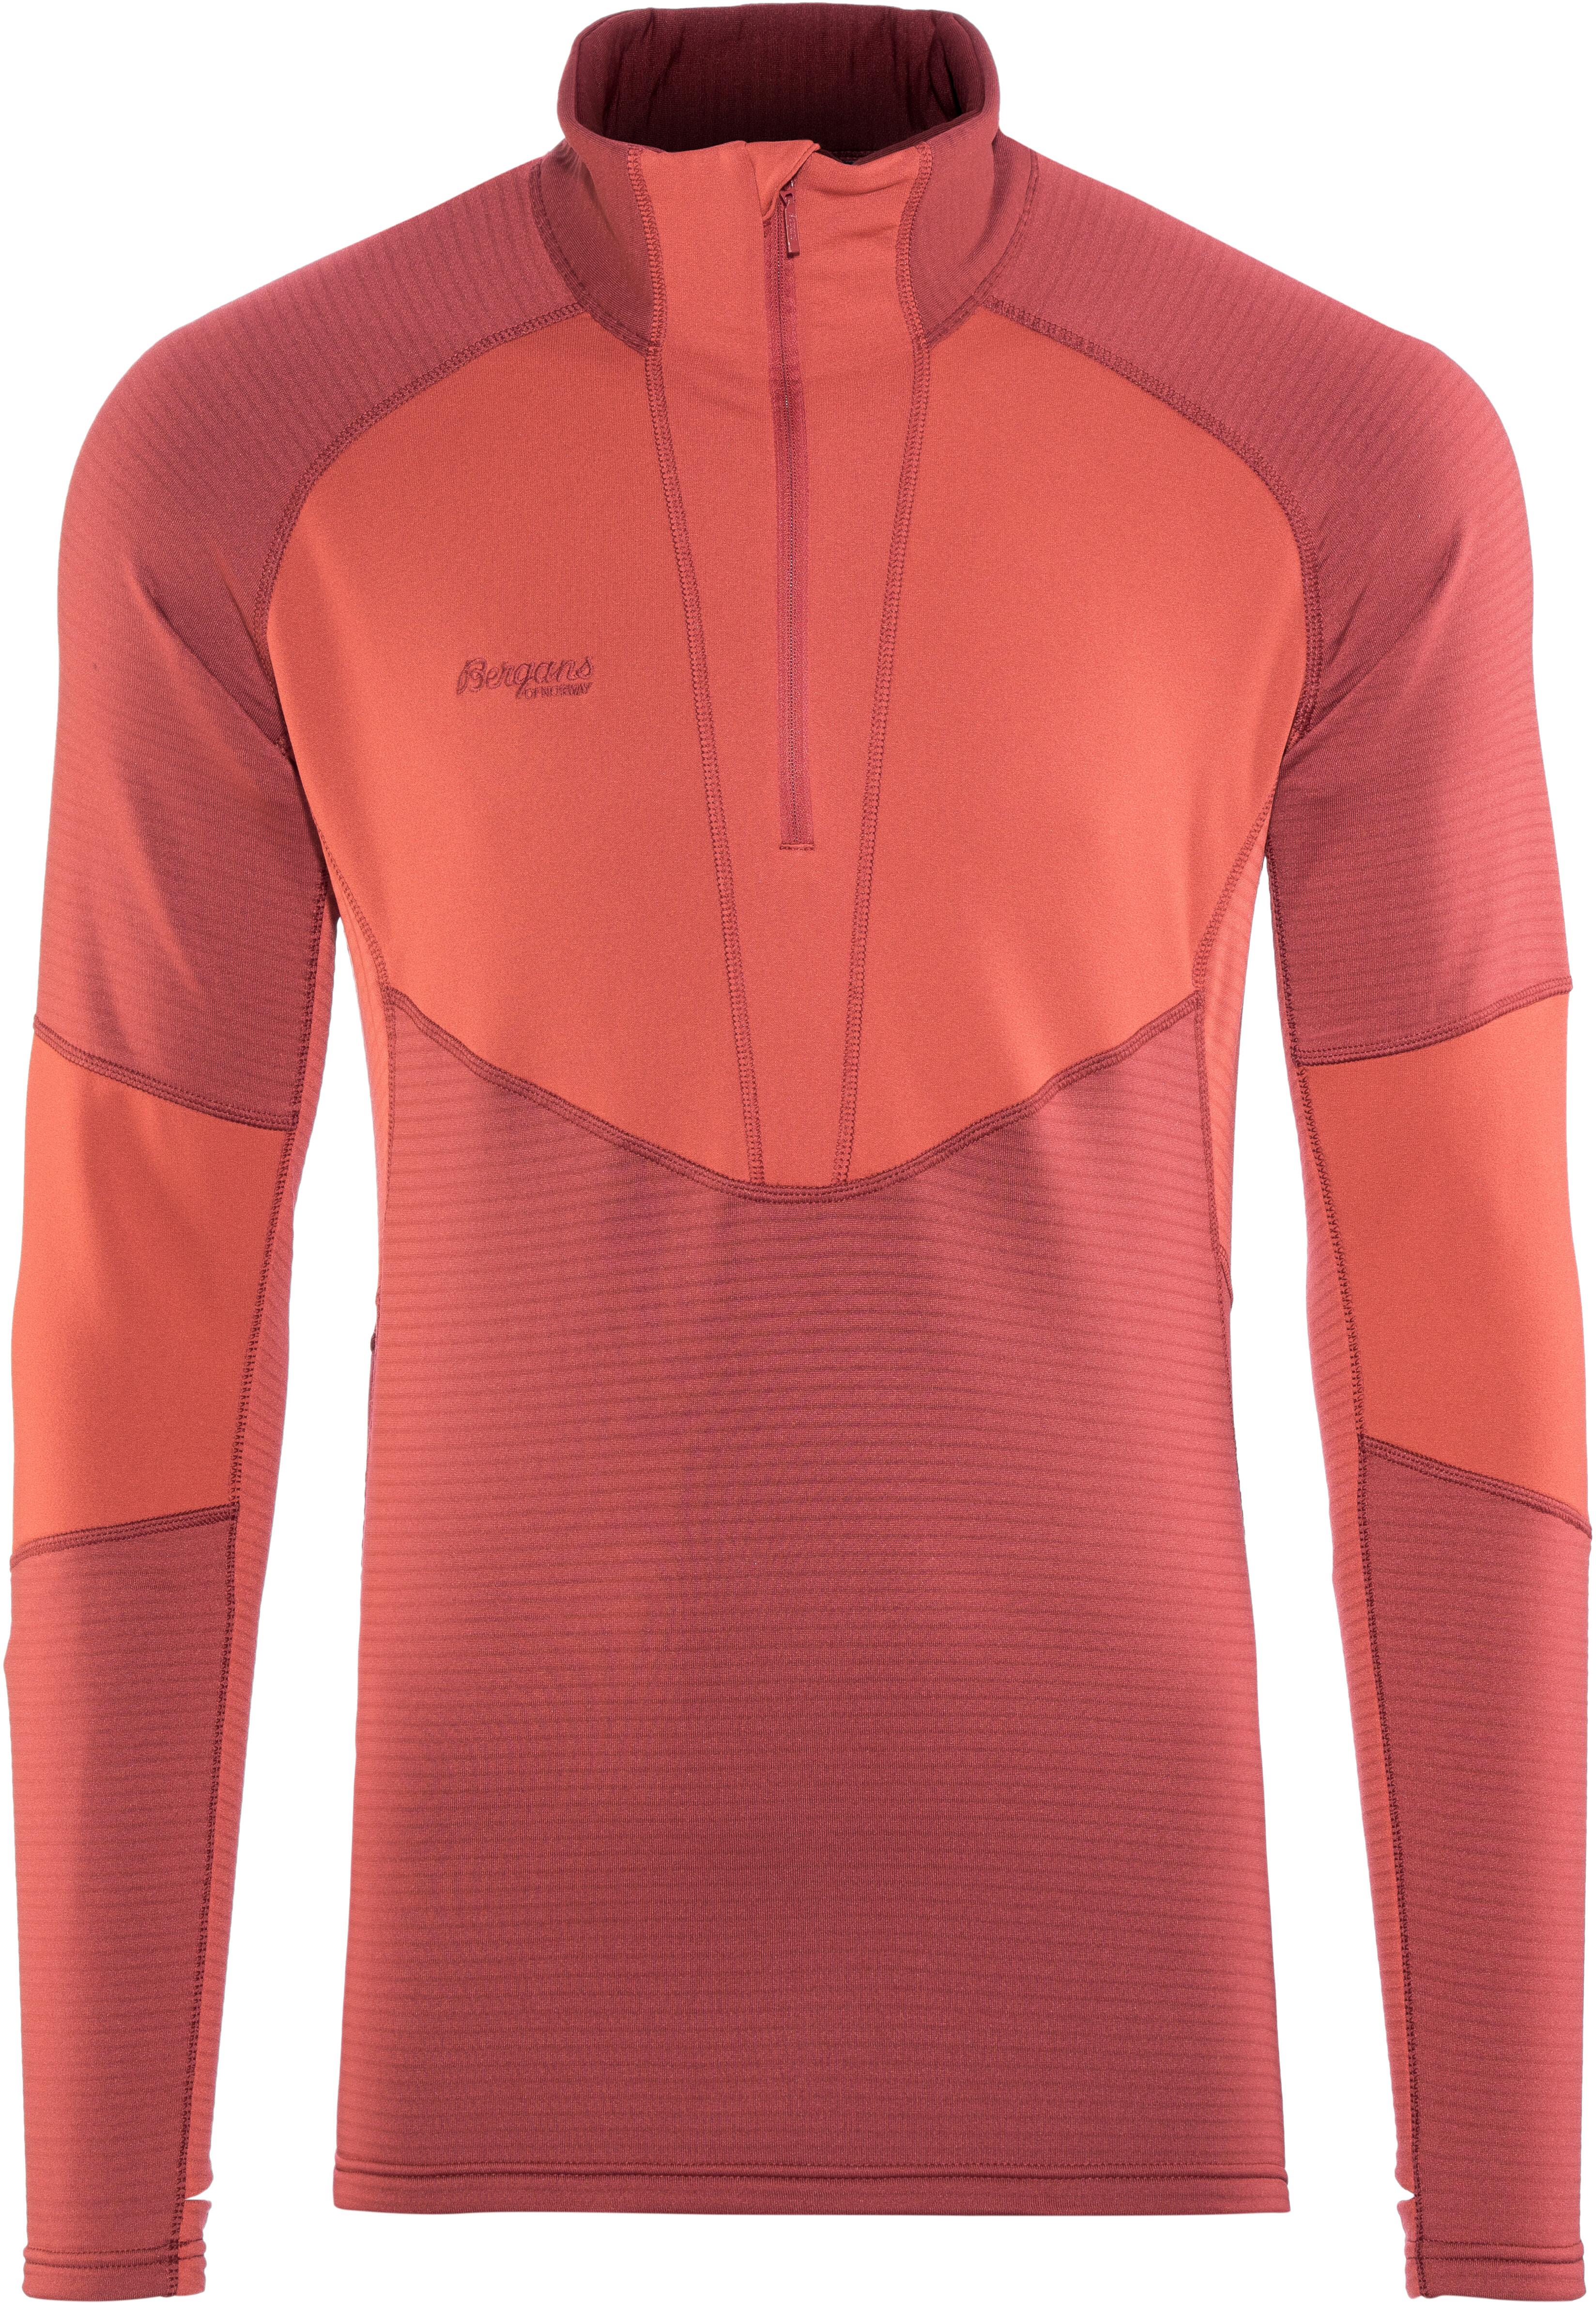 e9838af56a Bergans Roni - Camiseta de manga larga Hombre - rojo